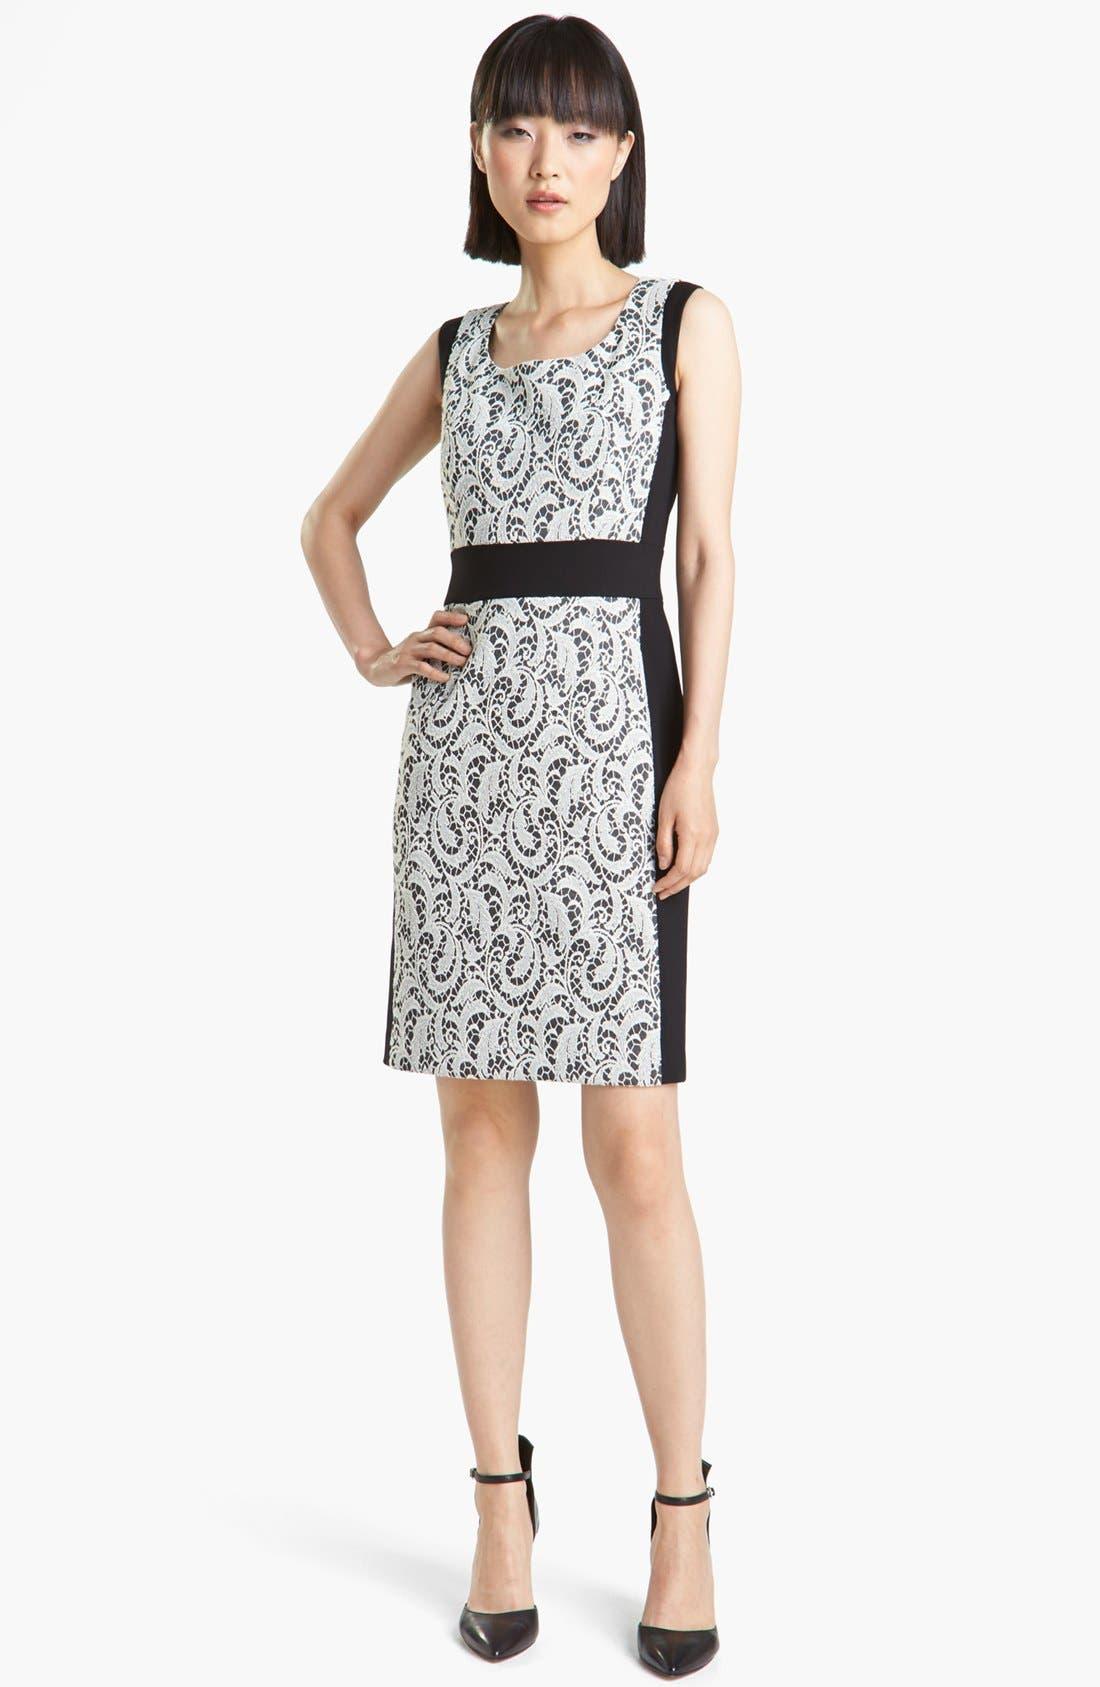 Main Image - Lafayette 148 New York 'Ansel - Chantilly Jacquard' Dress